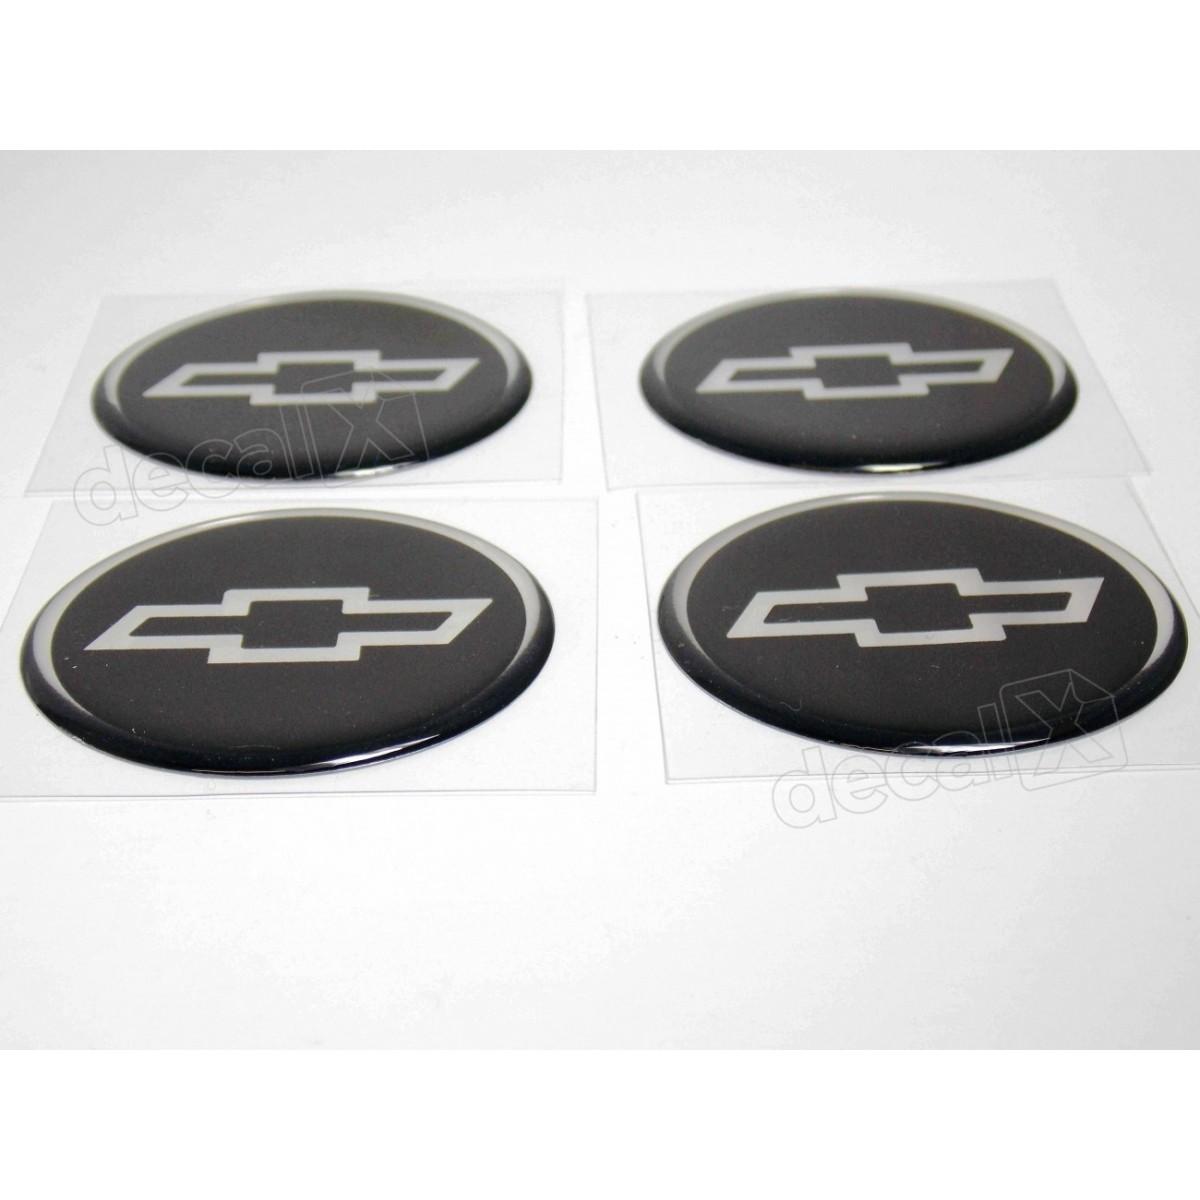 Adesivo Emblema Resinado Roda Chevrolet 58mm Cl16